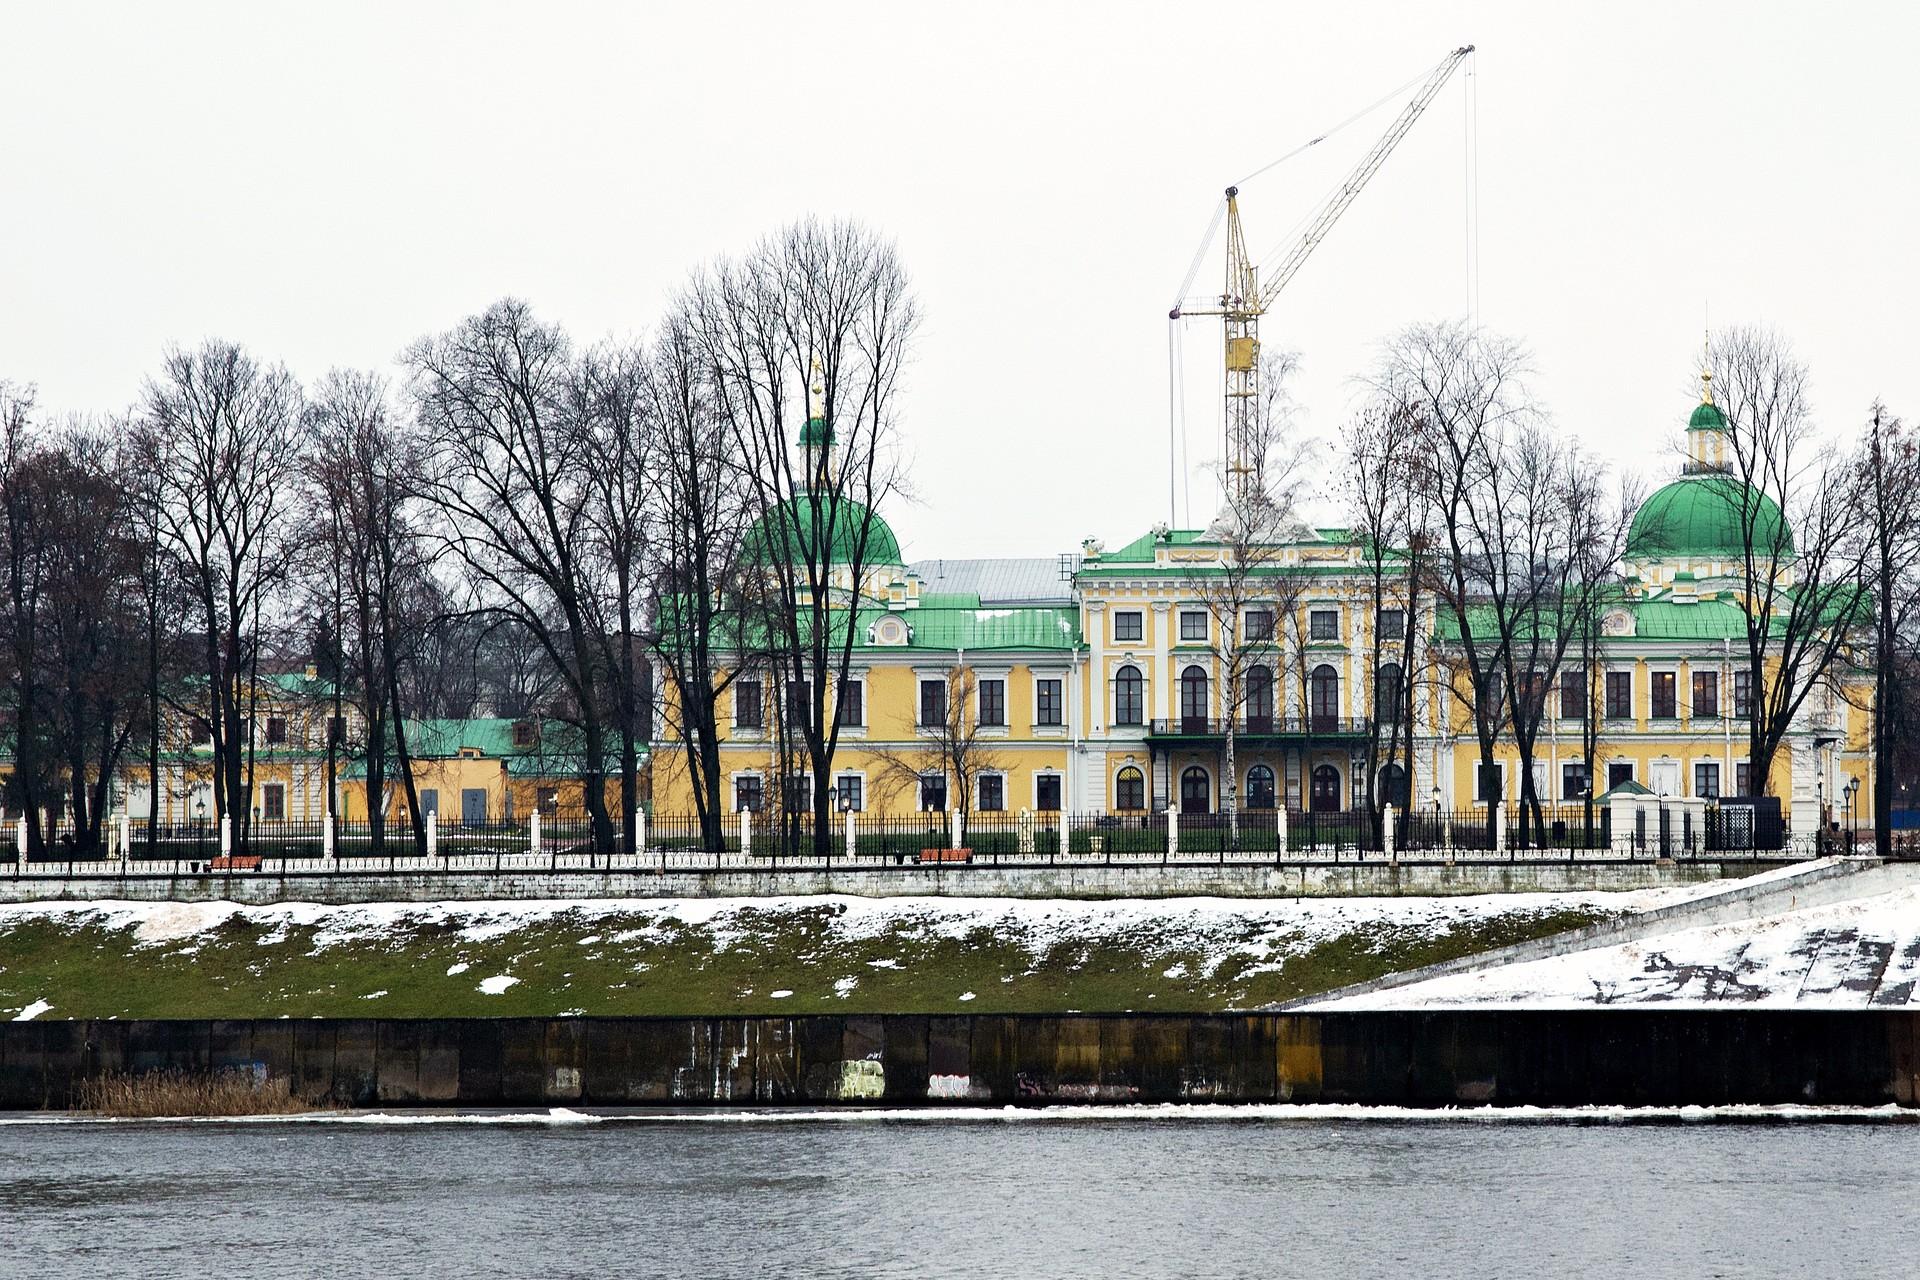 Wenn Sie dann über die Alte Stadtbrücke ans gegenüberliegende Wolgaufer spazieren, sehen Sie den kompletten Palast mit seinem Park. Der Kran im Hintergrund gehört zu den Bauarbeiten an einer Kirche direkt vor dem Palast. Diese war zu Zeiten Stalins gesprengt worden und wird nun wieder aufgebaut.